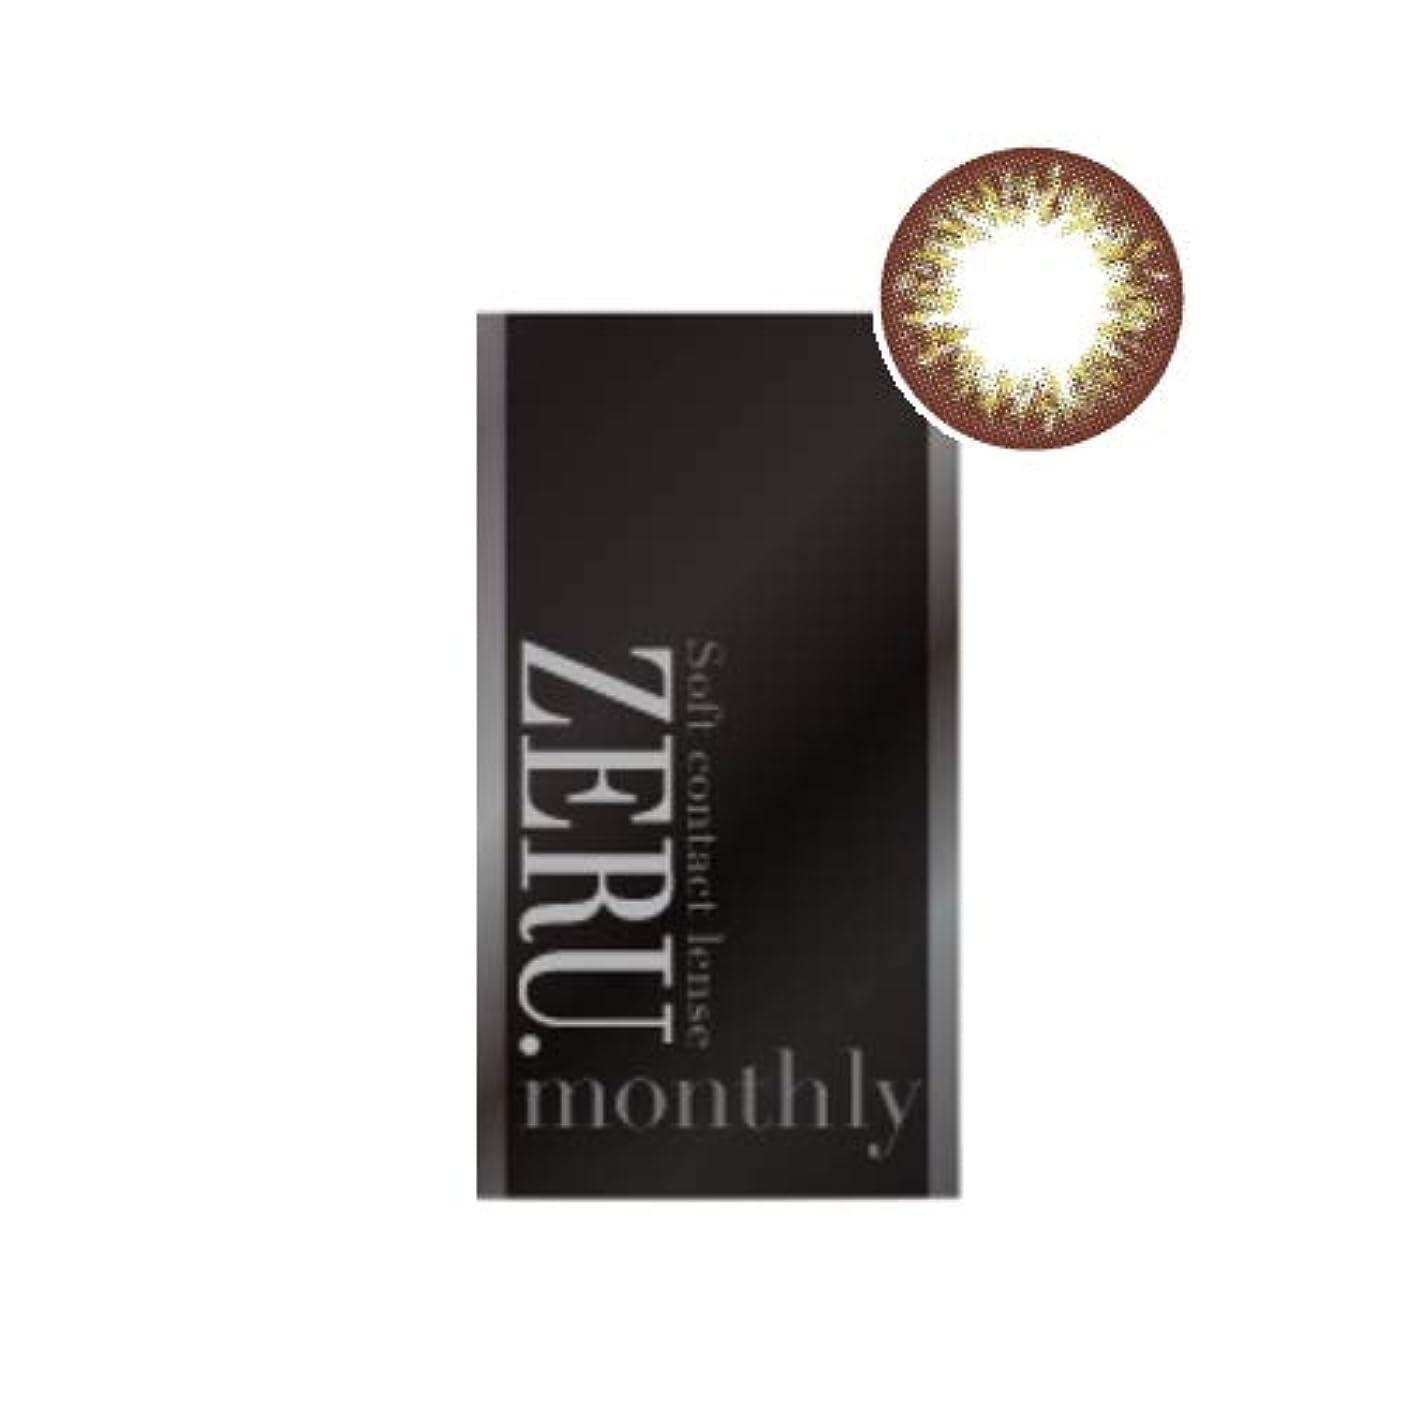 ゼルマンスリー ZERU.monthly 1箱1枚 1ヶ月 度あり/度なし 14.2ミリ 14.27ミリカラコン(ヴィル オリーブPWR:-2.00)